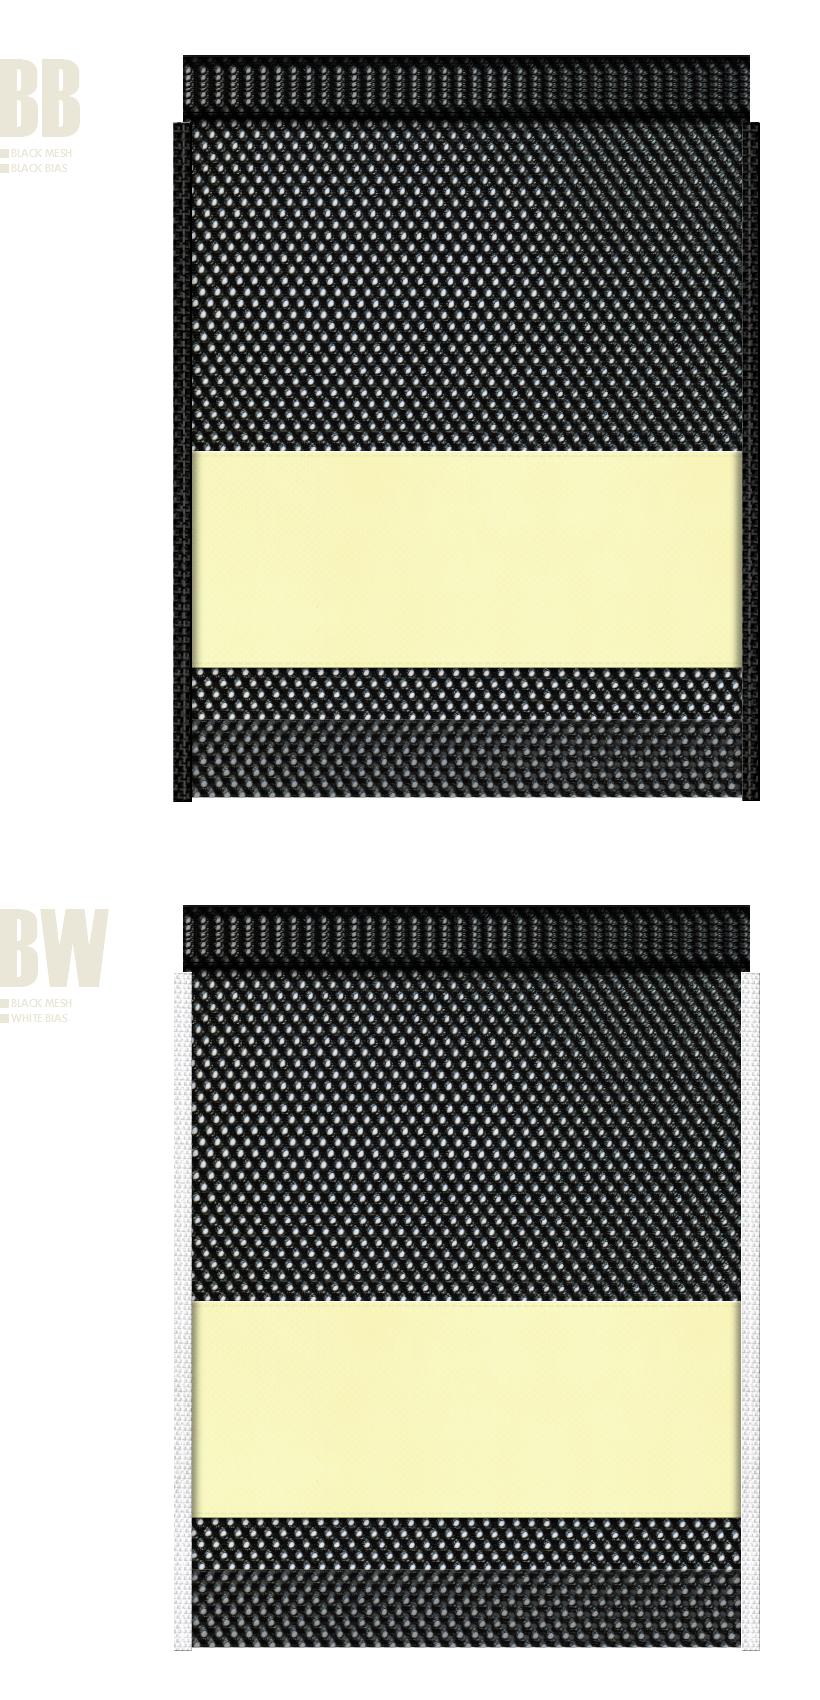 黒色メッシュと薄黄色不織布のメッシュバッグカラーシミュレーション